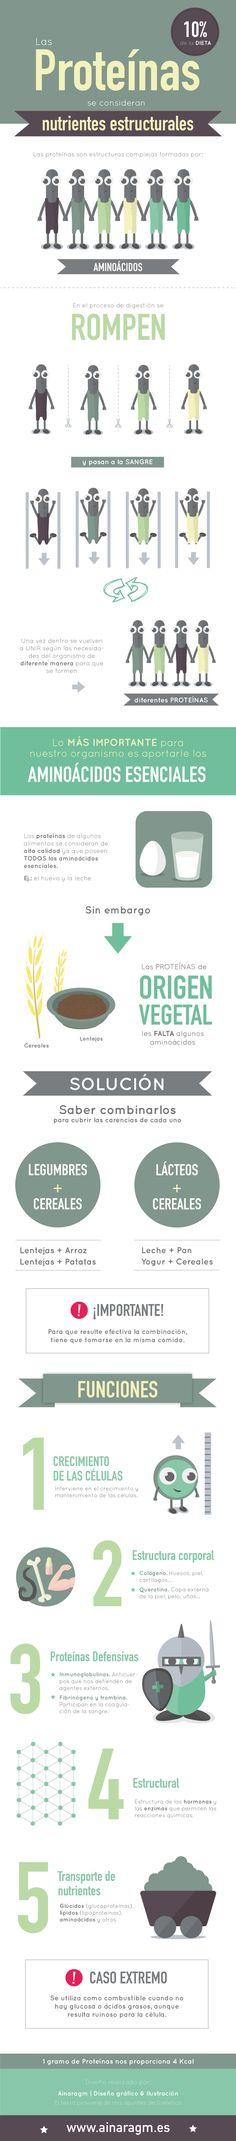 #Infografia sobre las #proteinas #nutricion